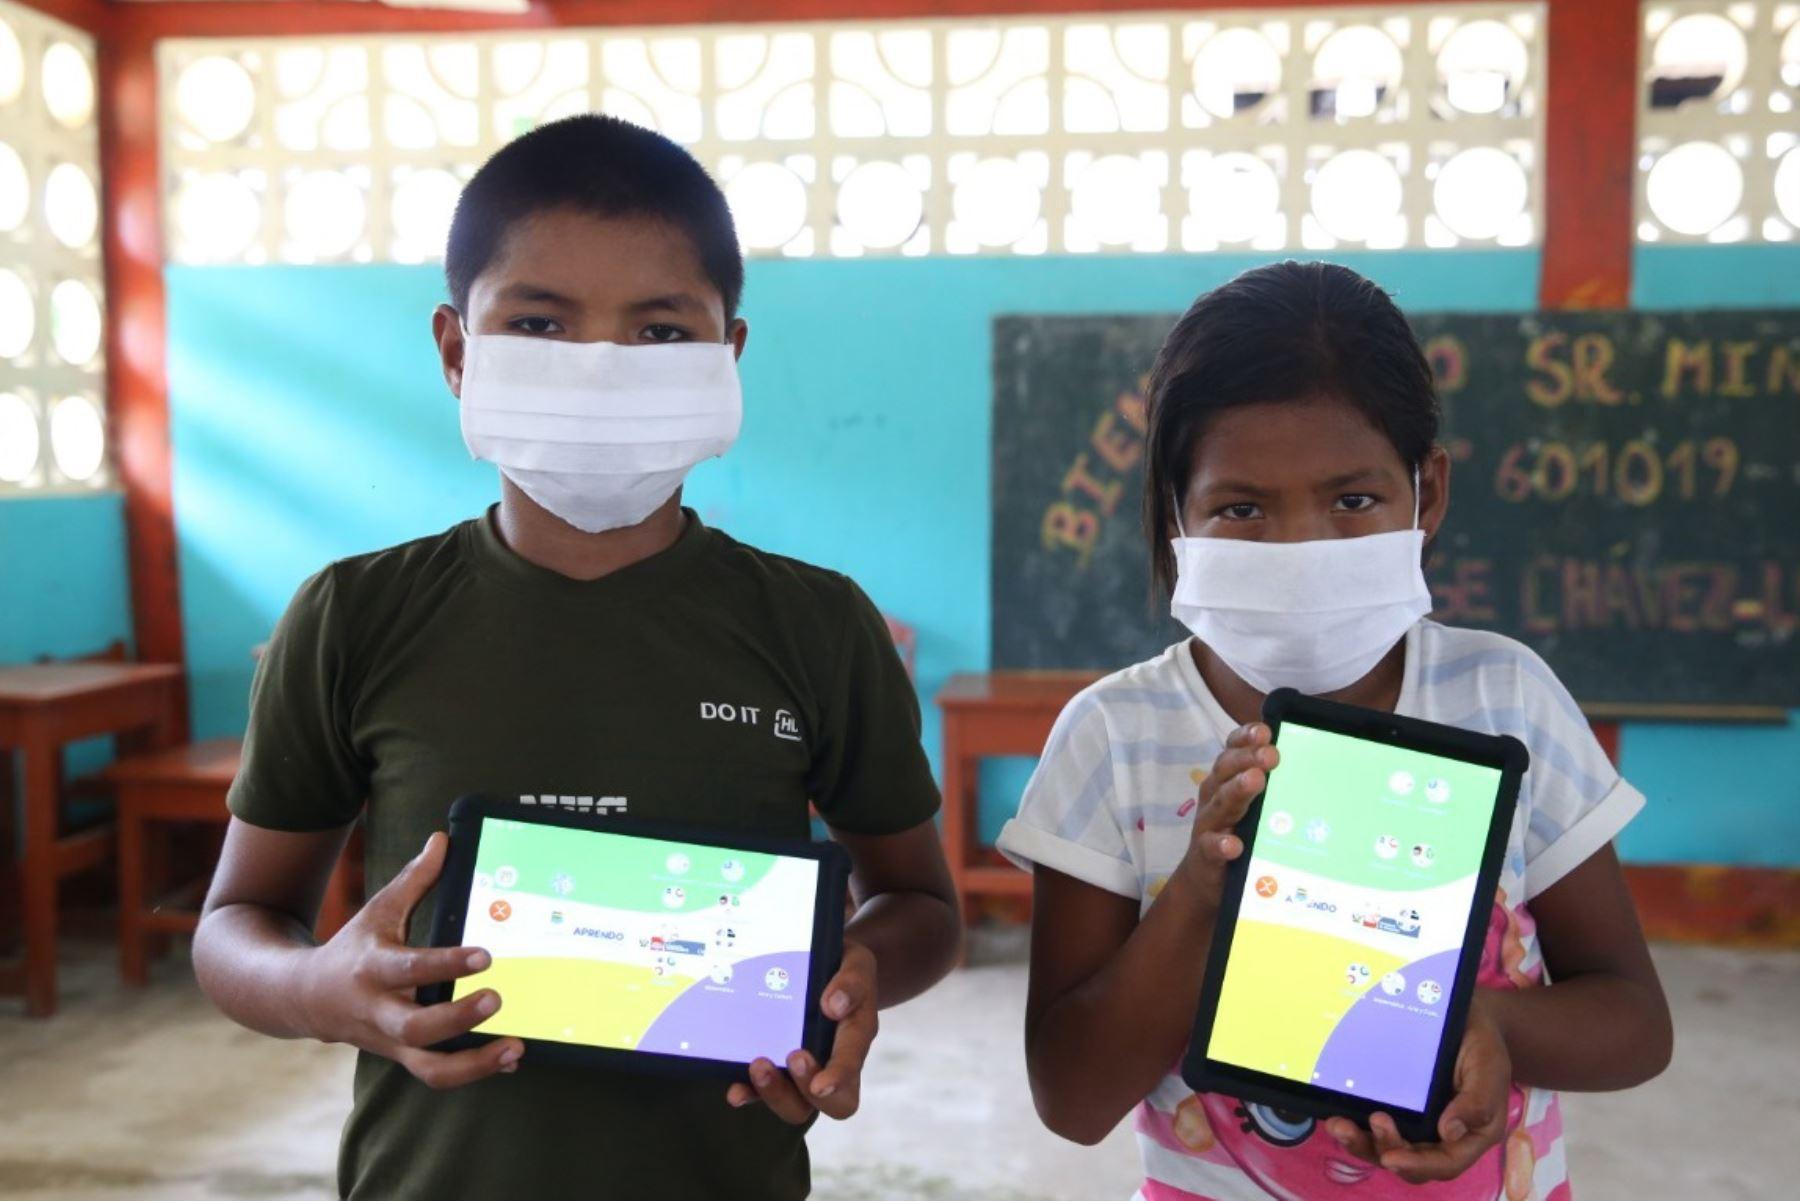 Por el Buen Inicio escolar 2021, el ministro de Educación informó que en las regiones de Loreto, Ucayali, Amazonas y Madre de Dios, 1,000 escuelas tendrán internet. Foto: ANDINA/Minedu